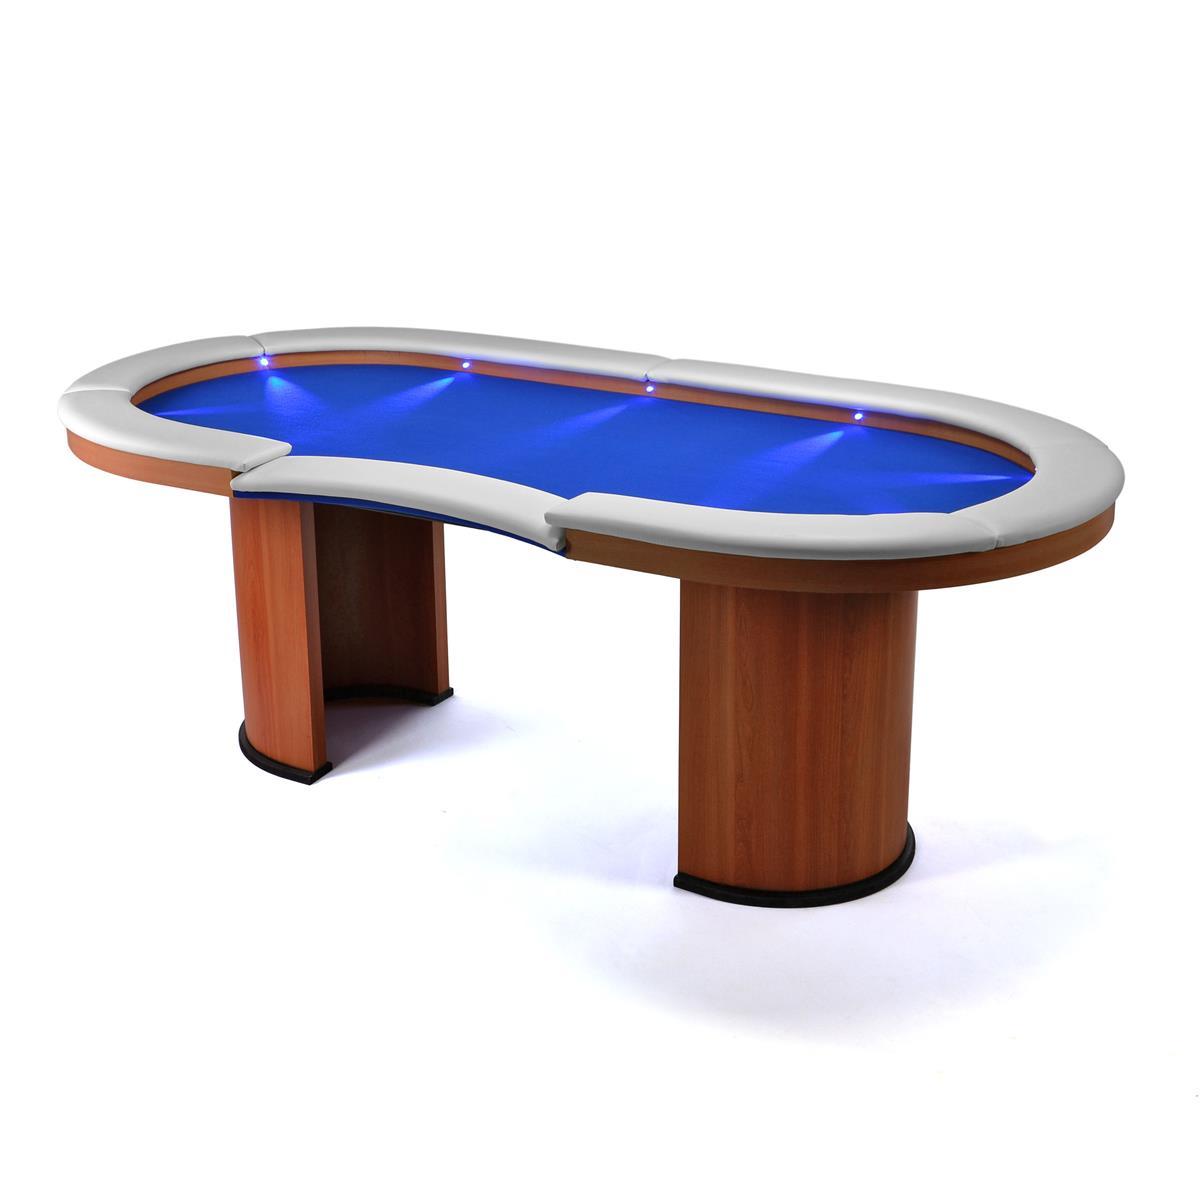 Beleuchteter Pokertisch Casinotisch Holz 10 LEDs blauer Filzbezug weiße Armlehne